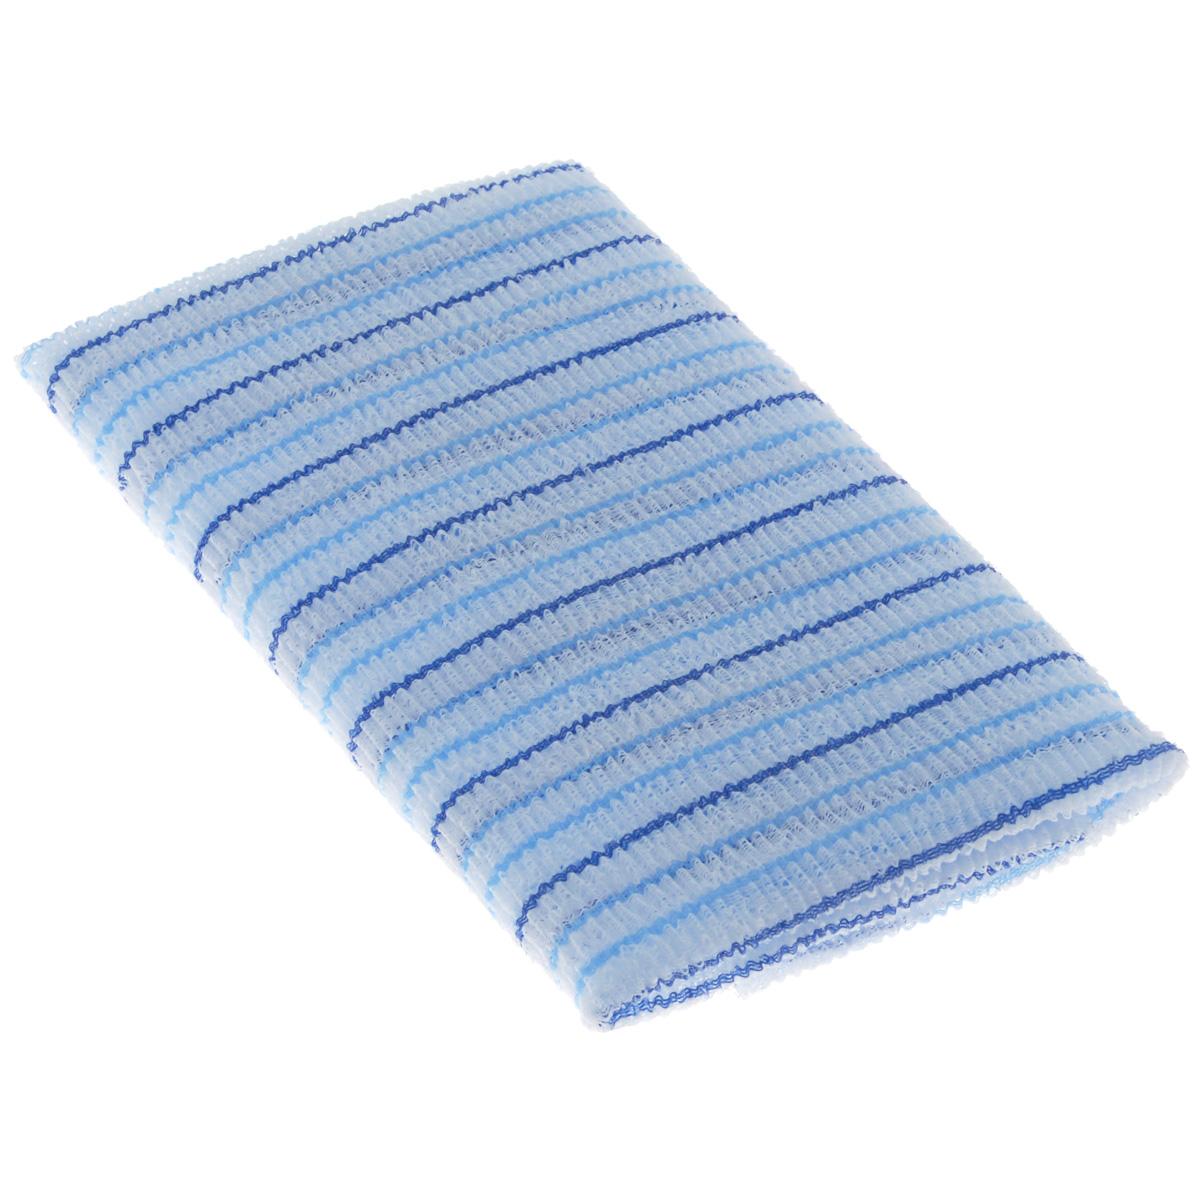 Мочалка для душа SungBo Clean&Beauty Fresh, цвет: голубой, 28 см х 100 смУТ000000670 голубойМочалка SungBo Clean&Beauty Fresh прекрасно подойдет для ухода за вашей кожей во время принятия ванны и душа. Благодаря оригинальной вязке из гофрированного волокна мочалка создает одновременно как ощущение мягкости, так и ощущение пилинга, нежно отшелушивая огрубевшую кожу. Шероховатая текстура мочалки стимулирует циркуляцию крови по всему телу и помогает сохранить здоровье и упругость кожи. Мочалка позволяет получить обильную пену, используя небольшое количество геля для душа.